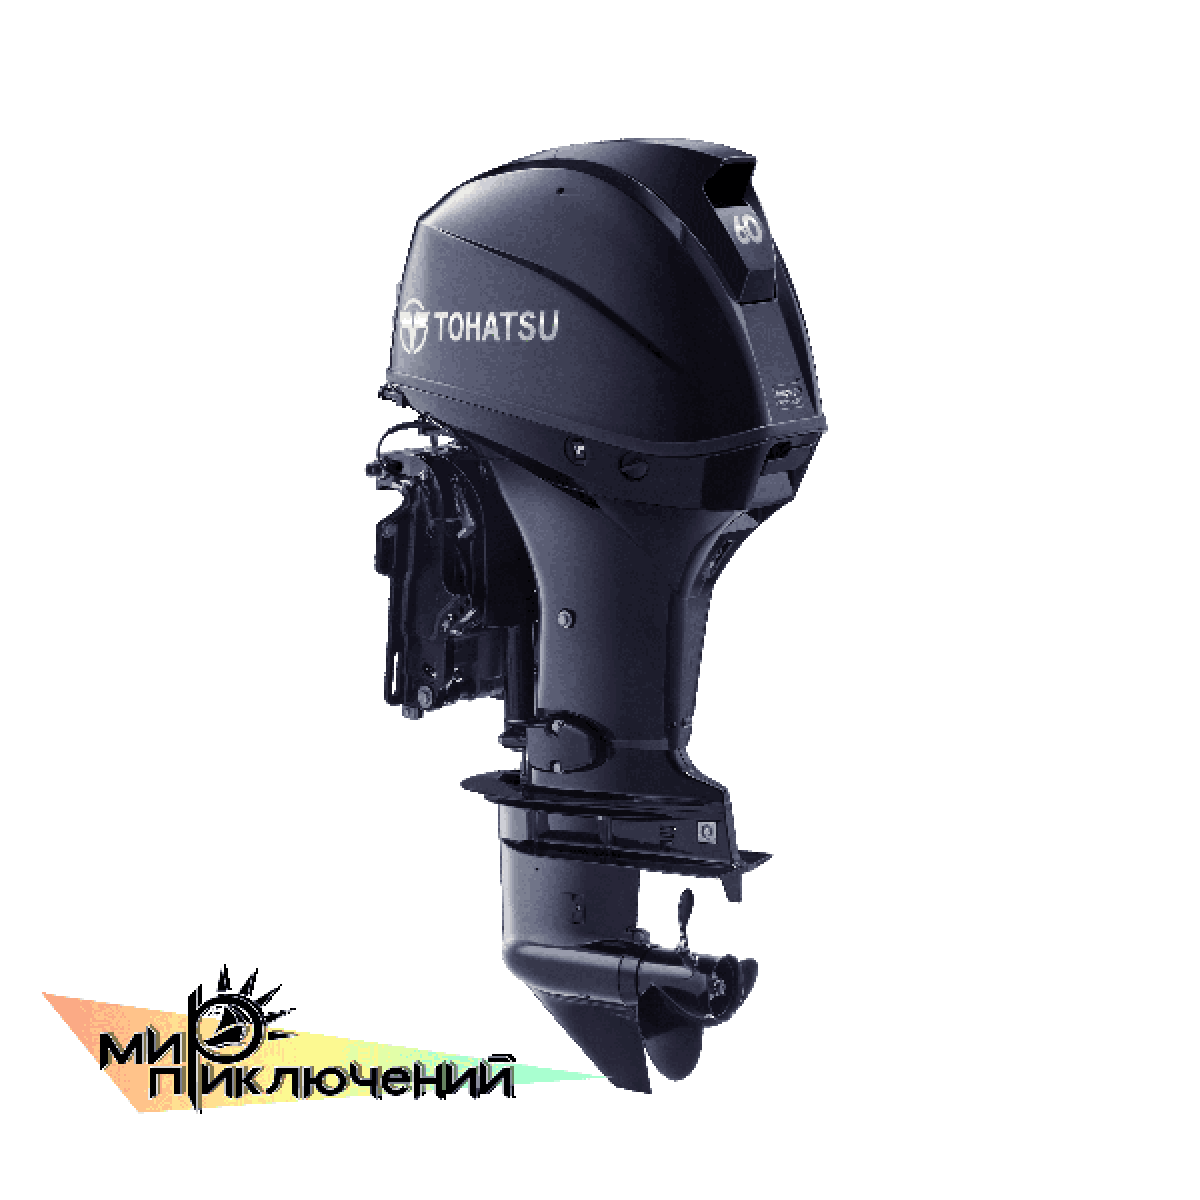 Tohatsu MFS 60 ETL, 4 х тактный подвесной лодочный мотор Тохатсу 60 л с